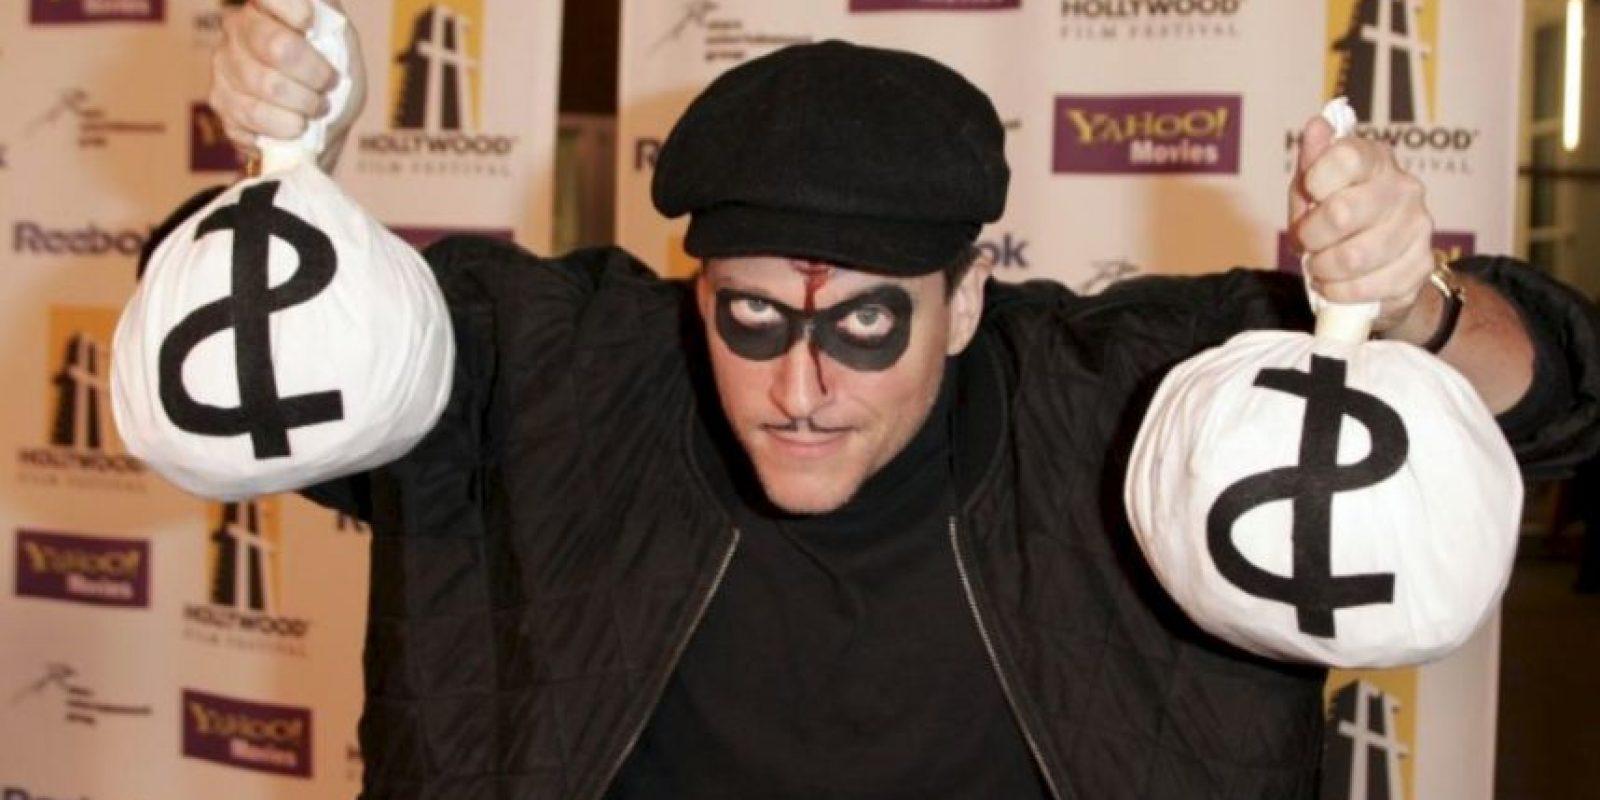 Ladrón de bancos da consejos por Internet Foto:Getty Images